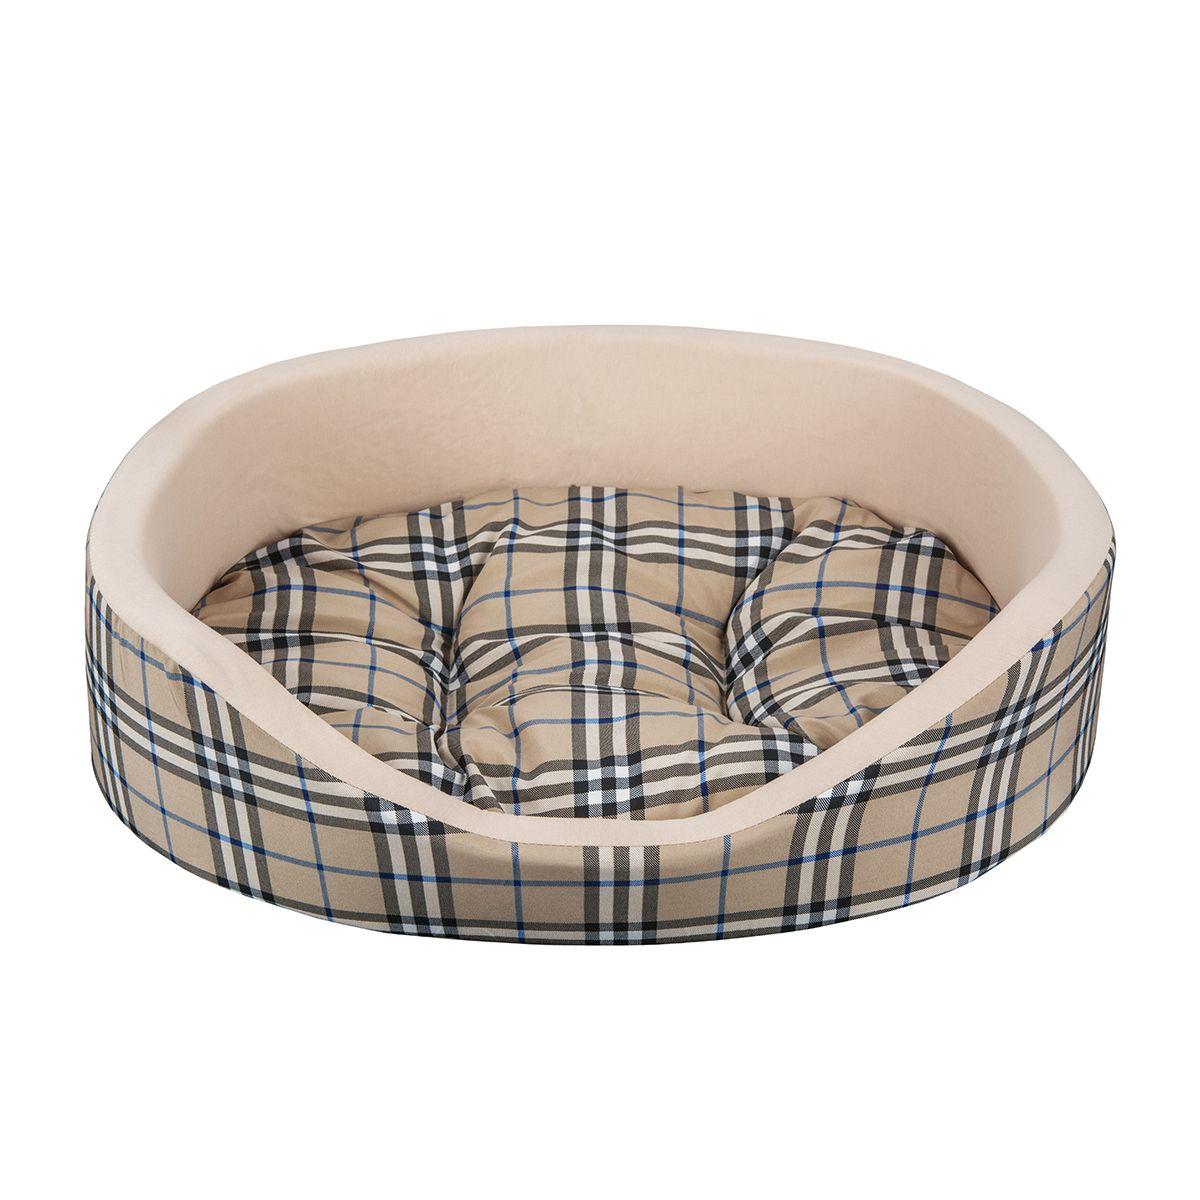 Лежак для животных Dogmoda Клетка, 48 х 39 х 15 смDM-090550-2Лежак для животных Dogmoda Клетка прекрасно подойдет для отдыха вашего домашнего питомца. Предназначен для кошек и собак мелких и средних пород. Изделие выполнено из хлопка с принтом в клетку. Внутри - мягкий наполнитель из поролона, который обеспечивает комфорт и уют. Лежак снабжен съемной подушкой с холлофайбером внутри. Комфортный и уютный лежак обязательно понравится вашему питомцу, животное сможет там отдохнуть и выспаться. Высокий уровень комфорта, спокойный благородный цвет и мягкость сделают этот лежак любимым местом отдыха вашего питомца.